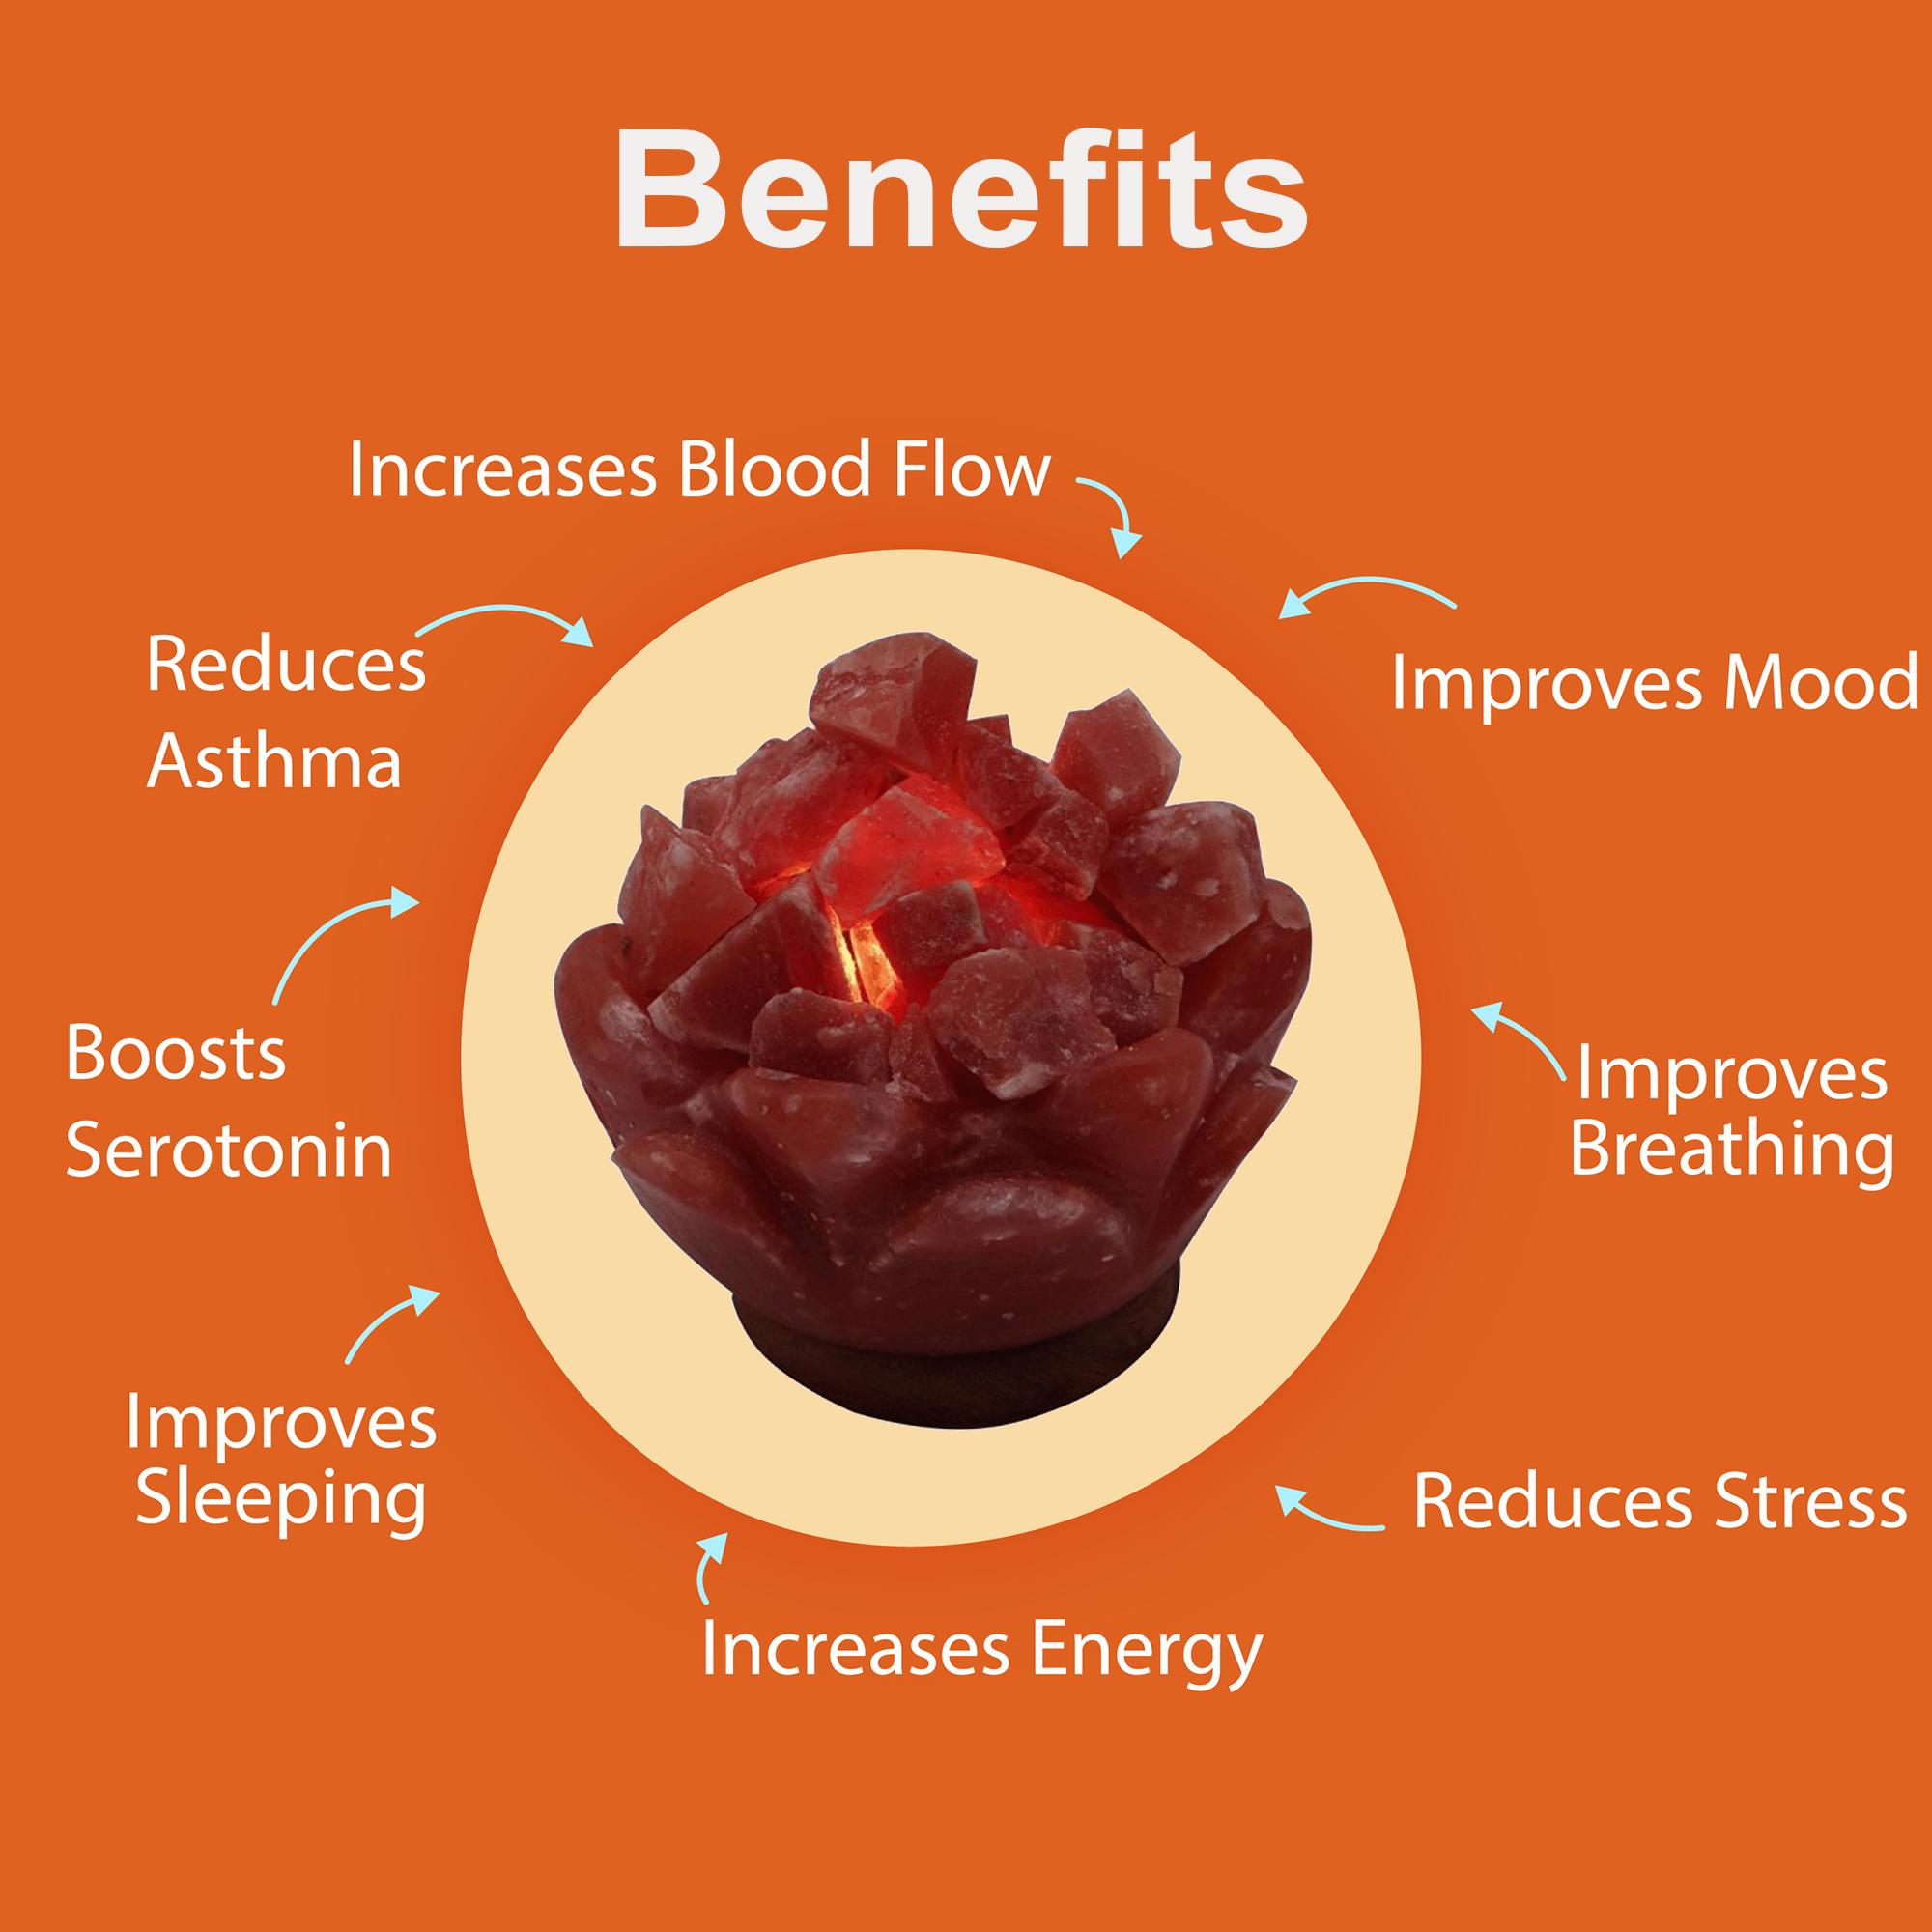 7 benefits 38 - Saltpur Himalayan Salts